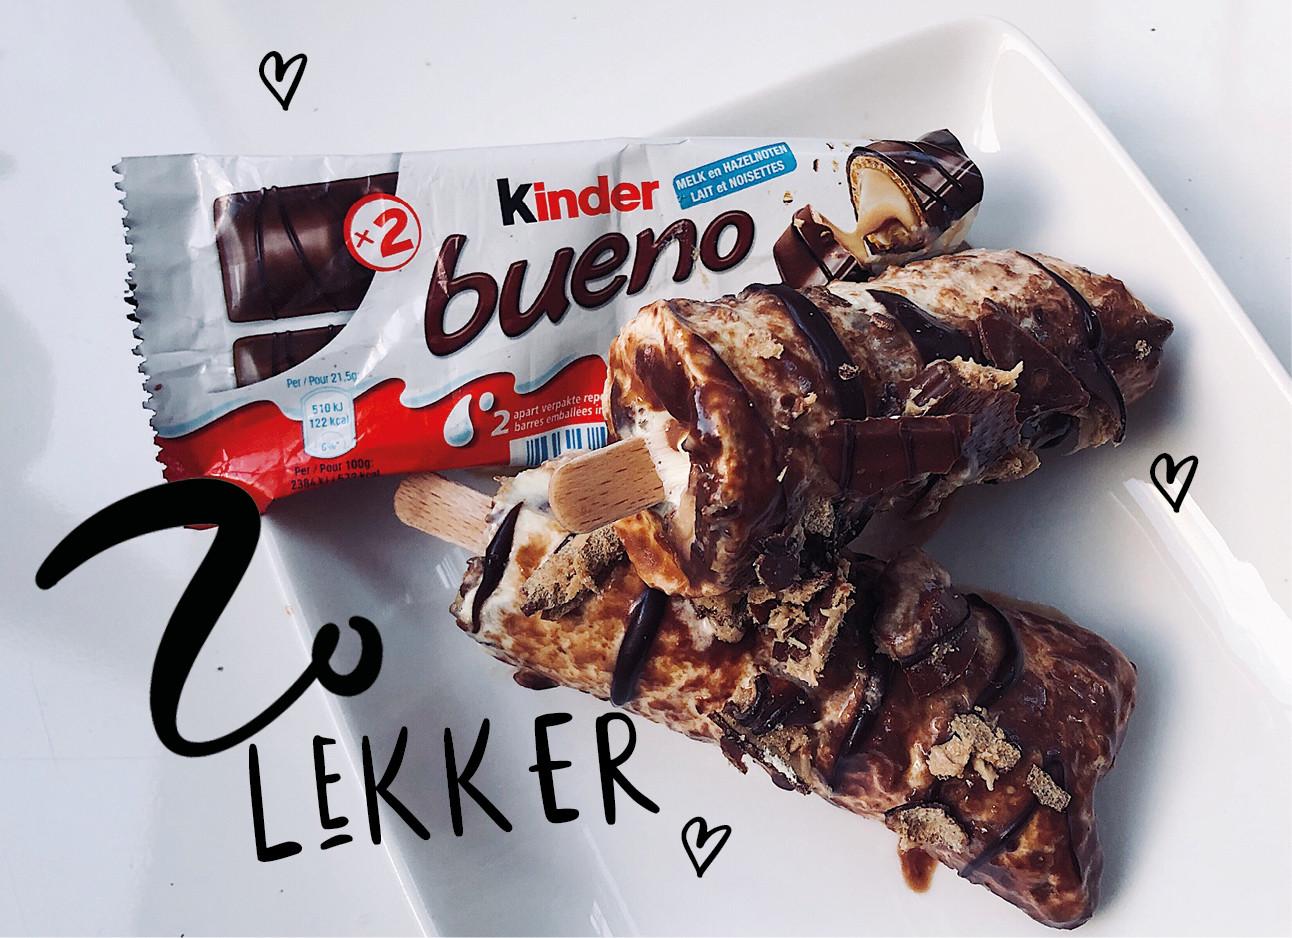 zelfgemaakte ijsjes van kinder bueno's en room chocola puur en melk met tekst zo lekker en hartjes eromheen